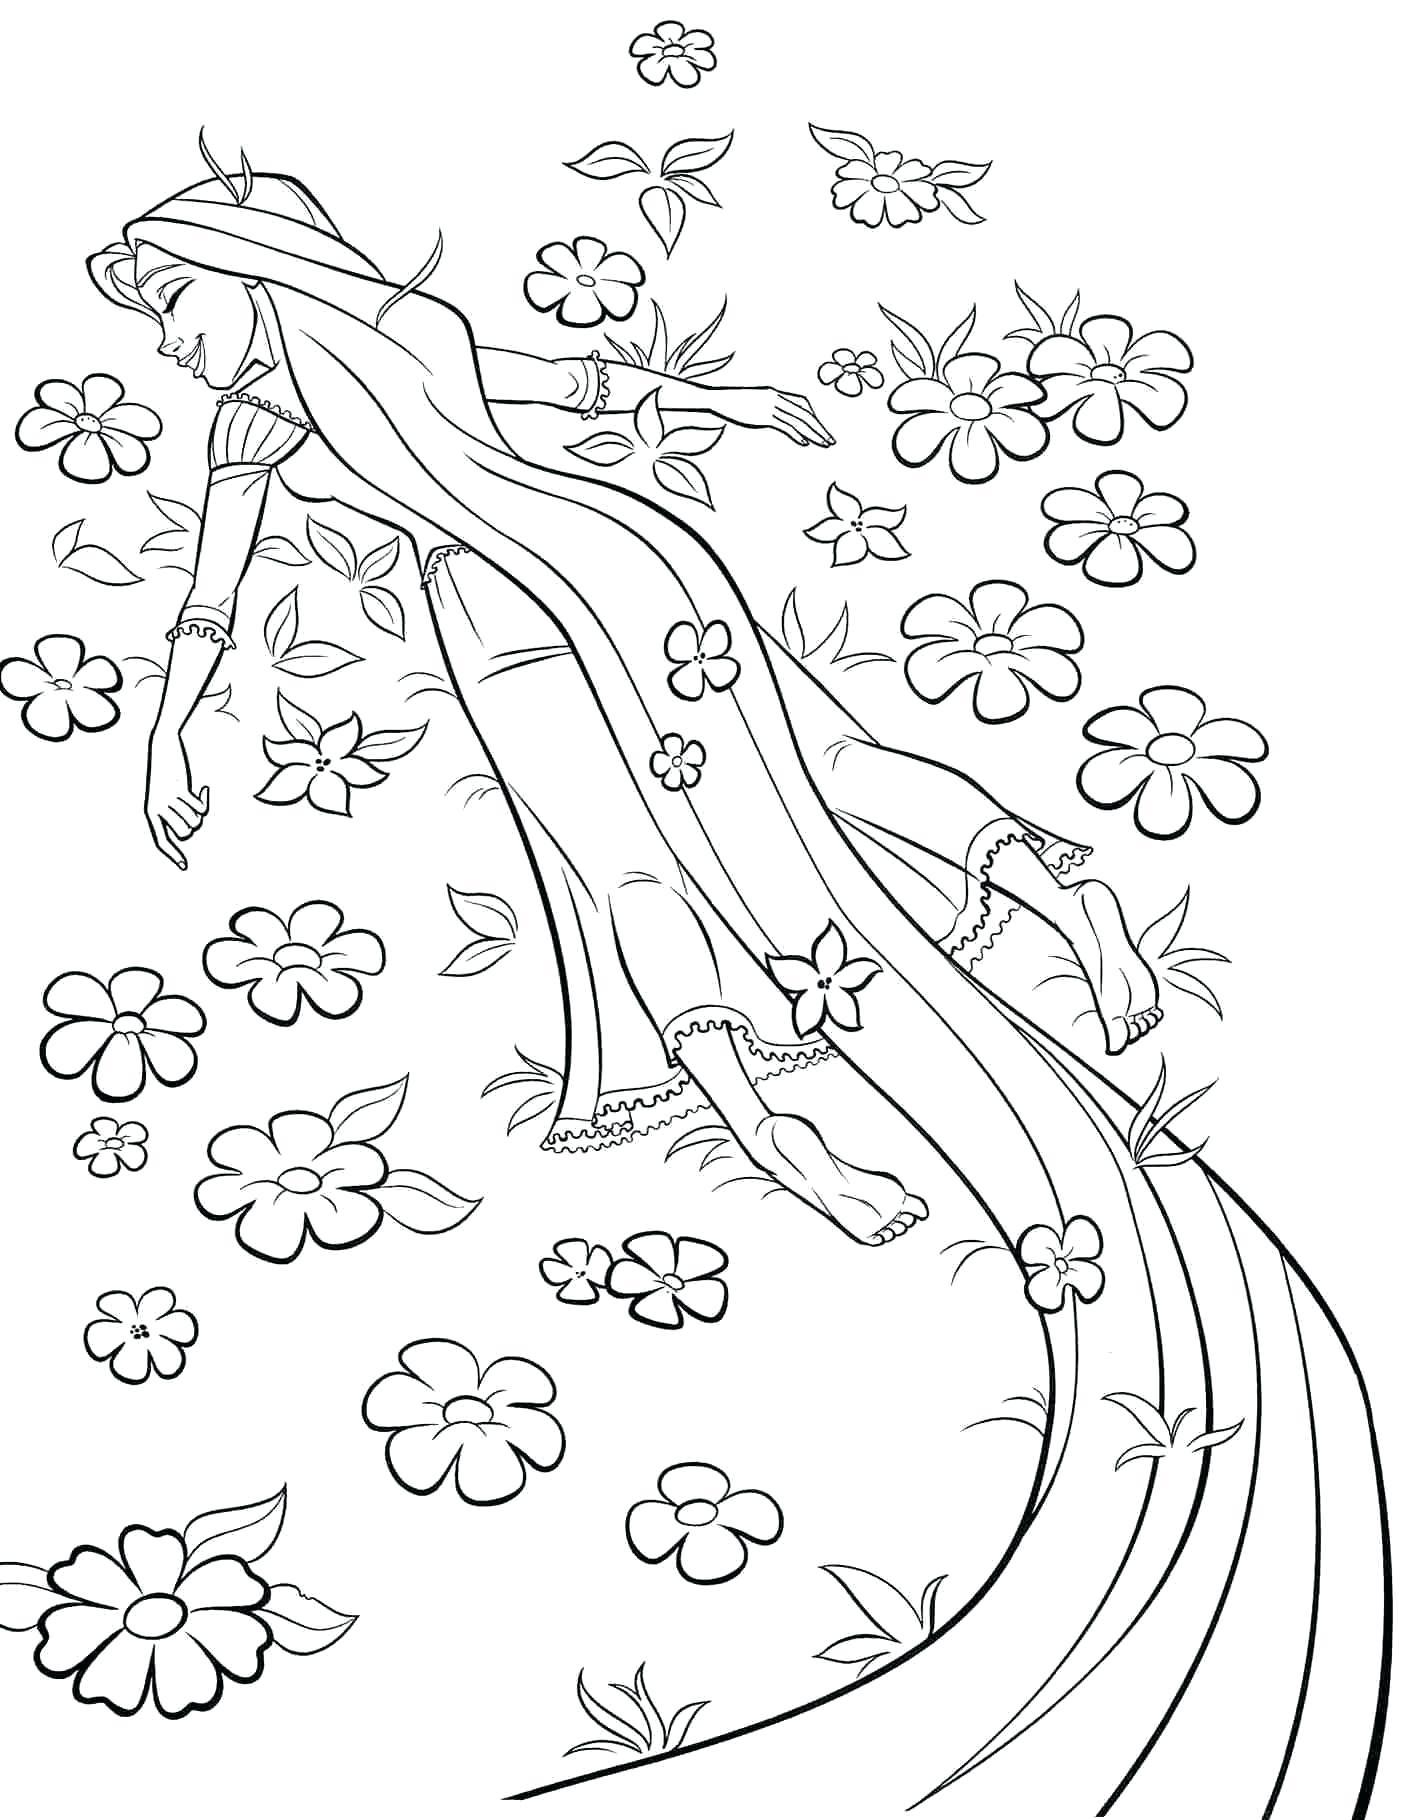 Tranh tô màu công chúa tóc mây đang ngủ